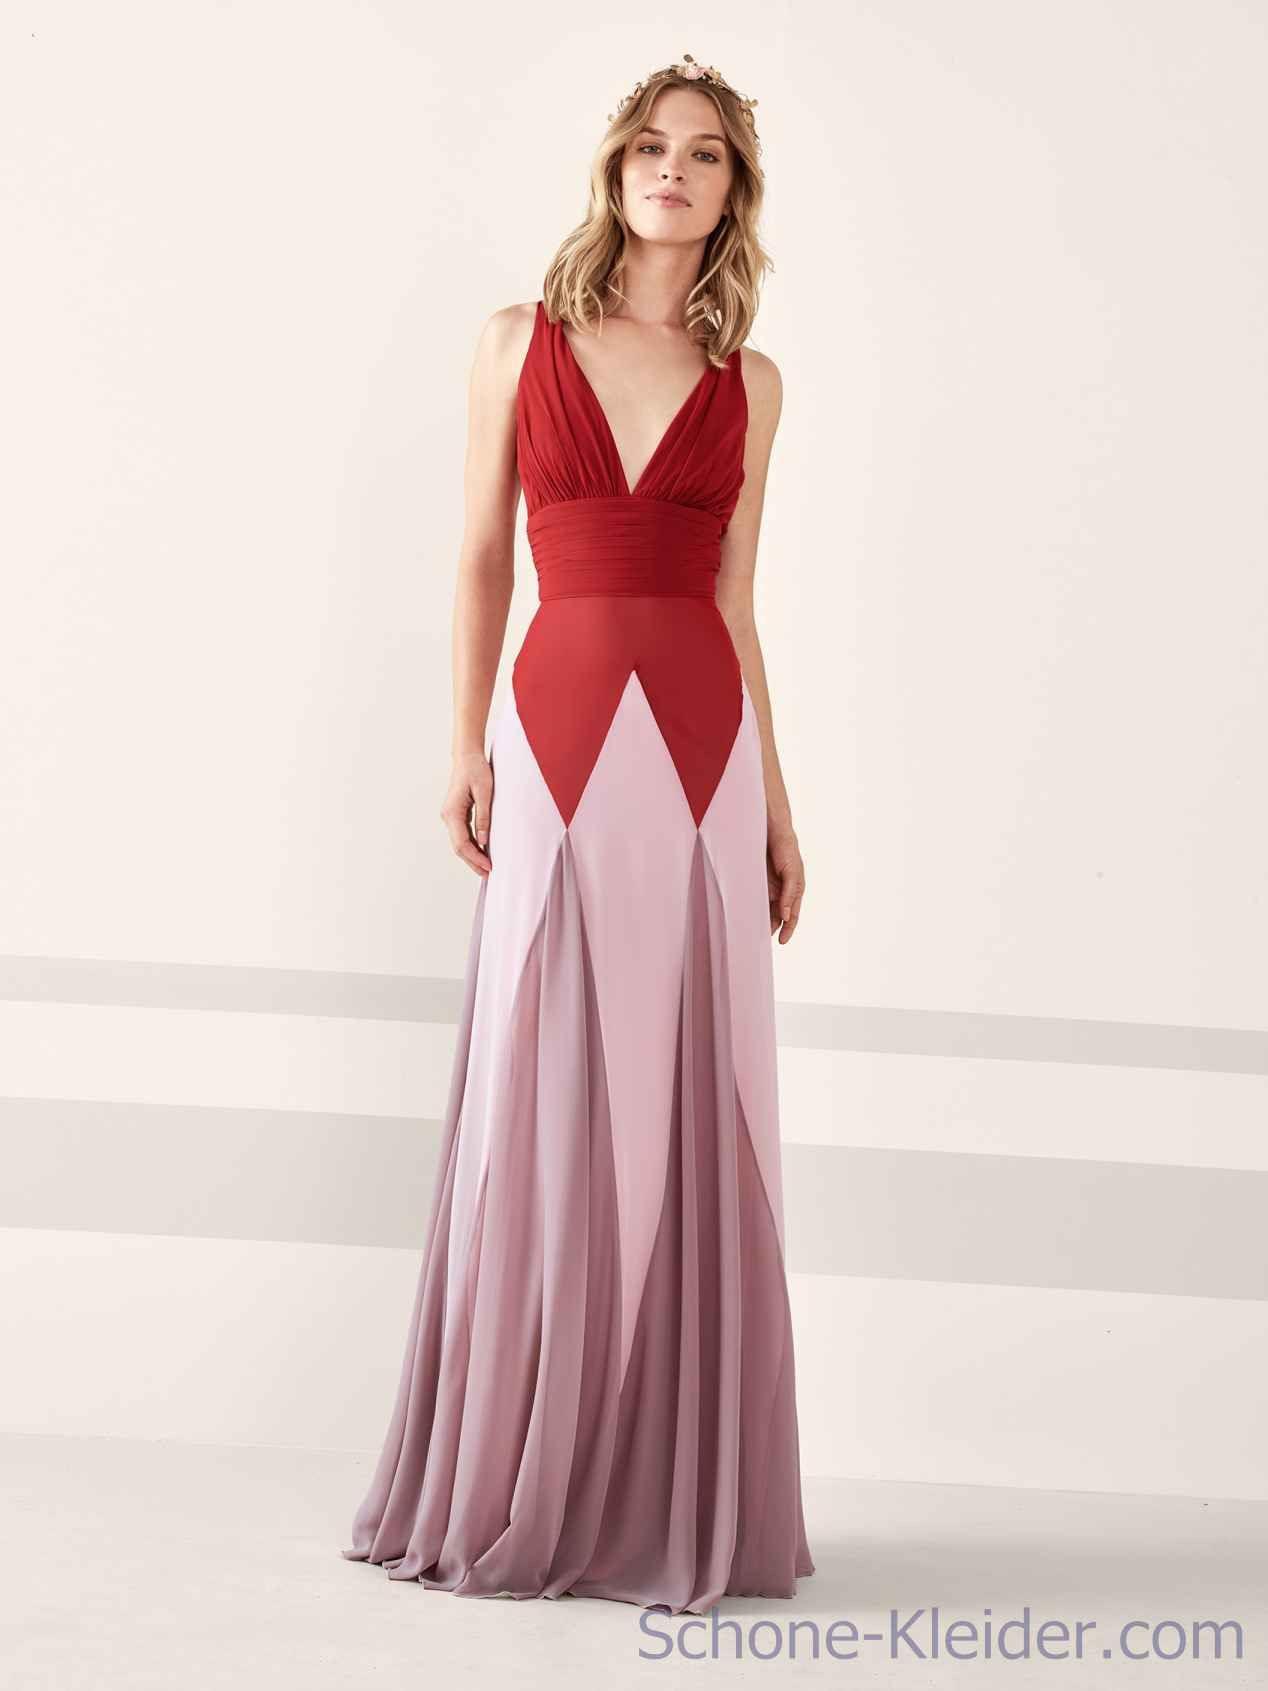 17 Perfekt Festliche Abendbekleidung Damen Boutique20 Einzigartig Festliche Abendbekleidung Damen für 2019